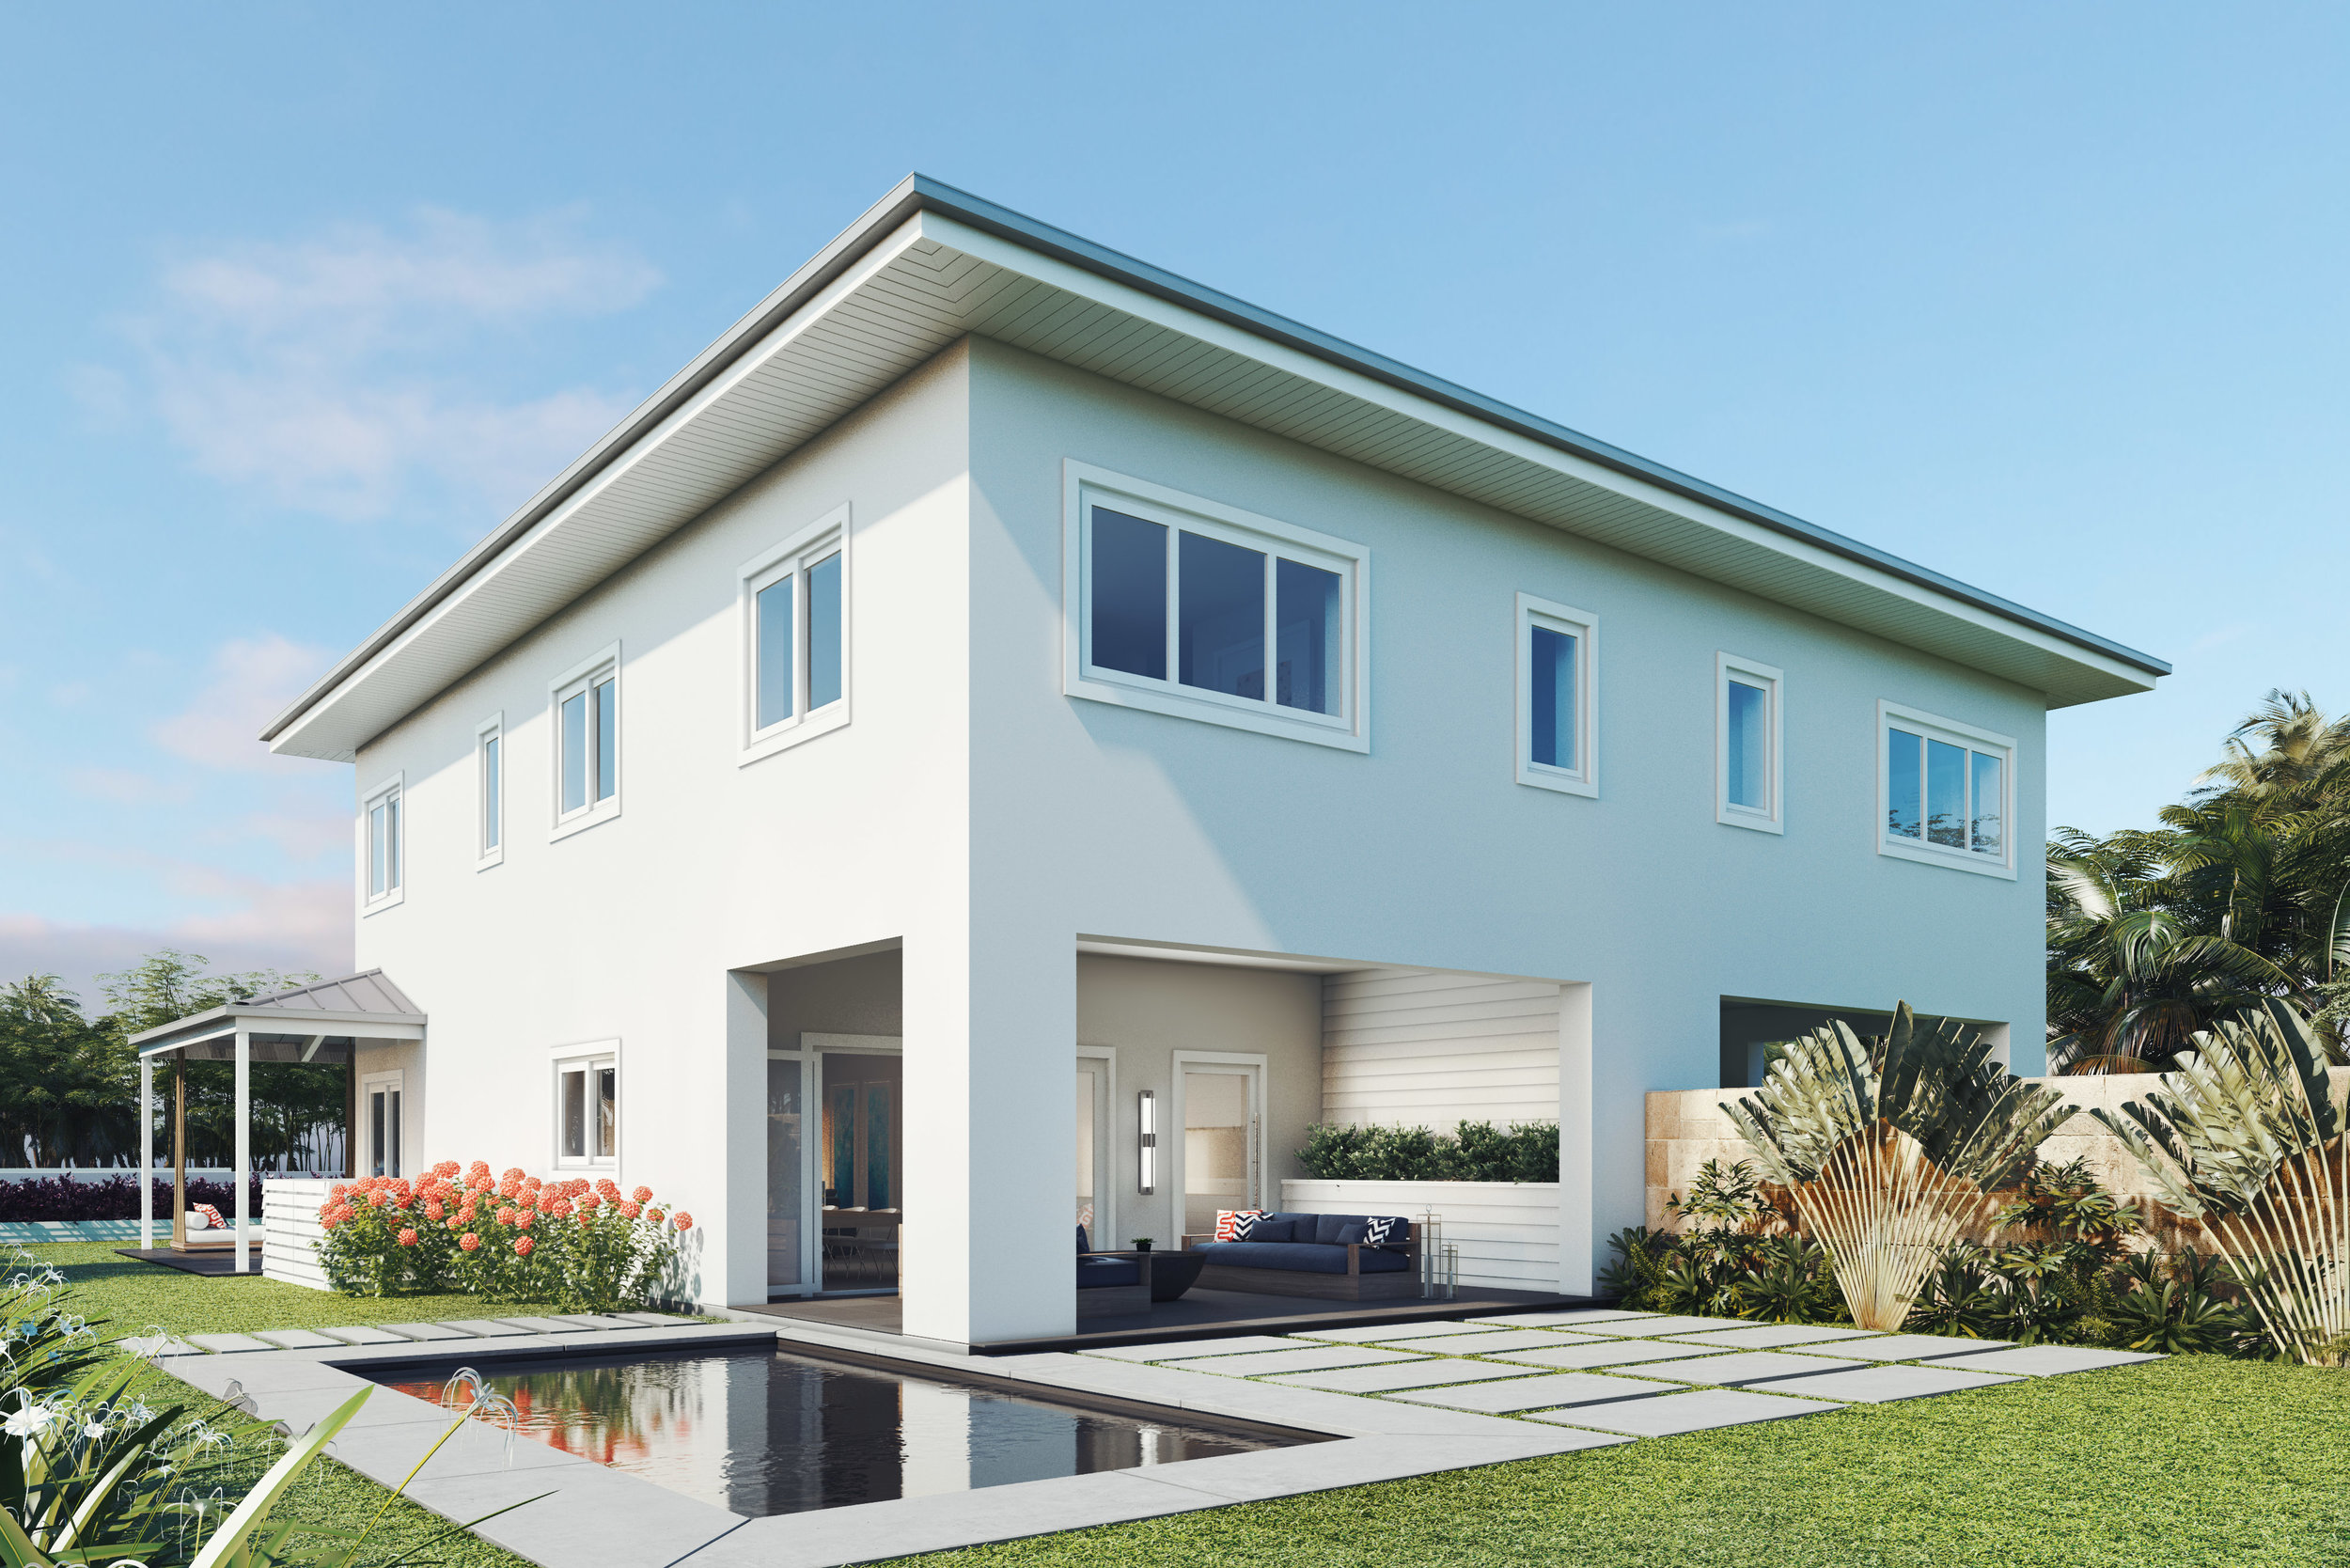 171025 - Eden Road Duplex - Back of house[4].jpg